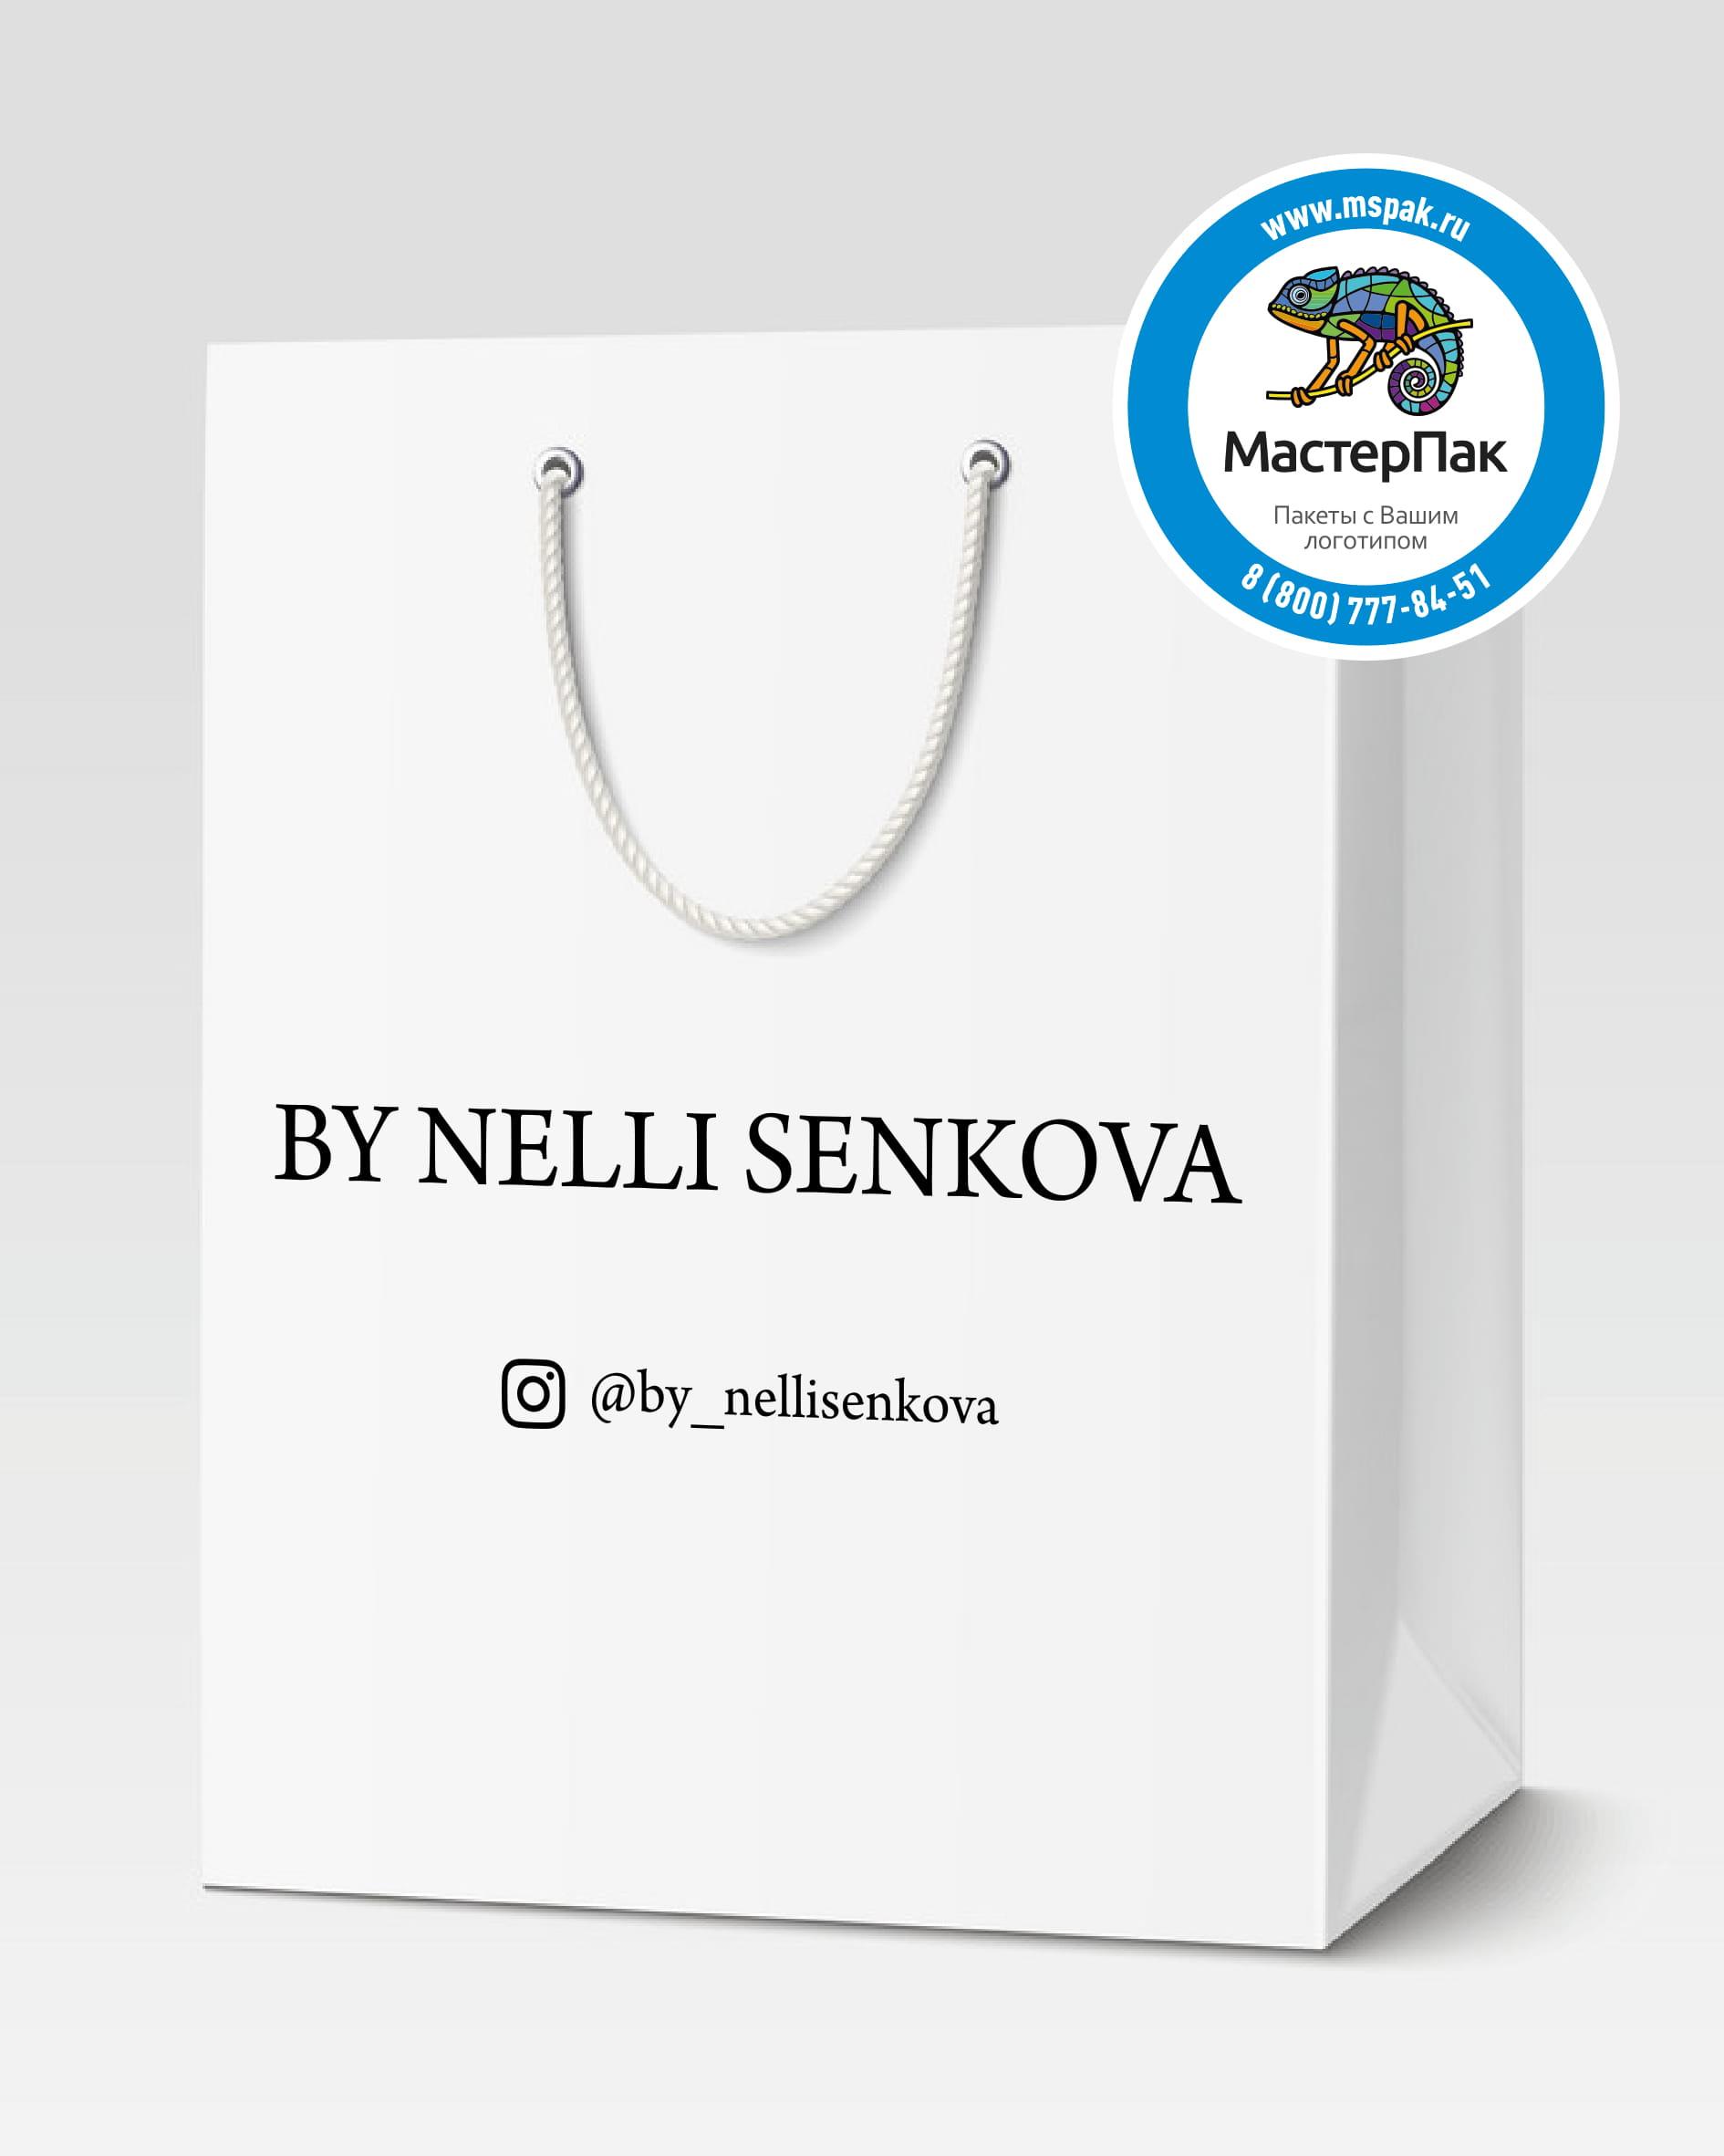 Пакет подарочный, бумажный с логотипом By Nelly Senkova, 30*40, люверсы